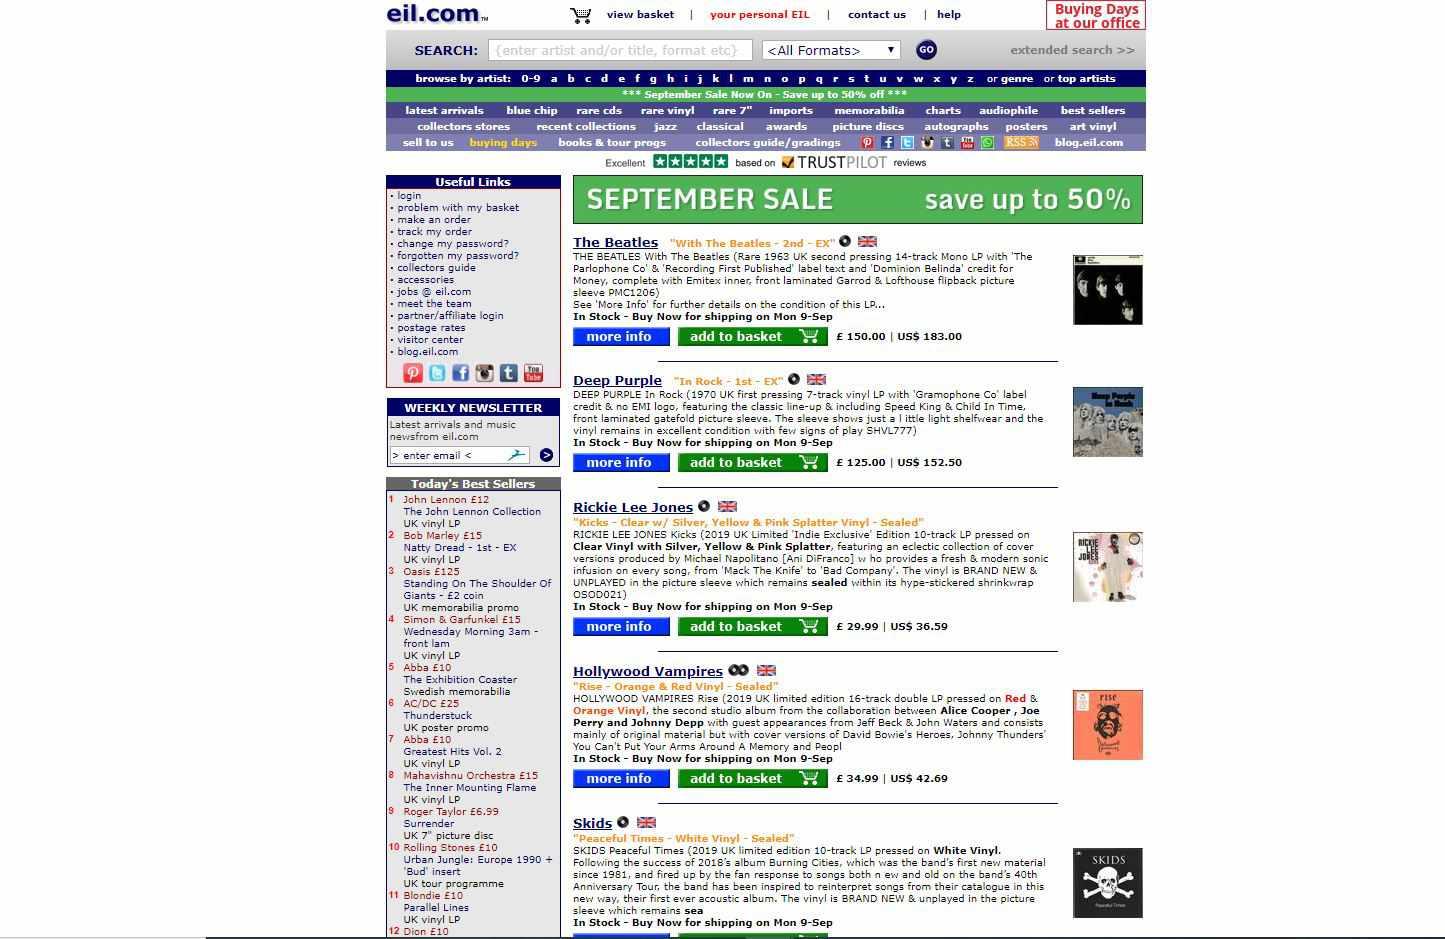 Screenshot of EIL.com